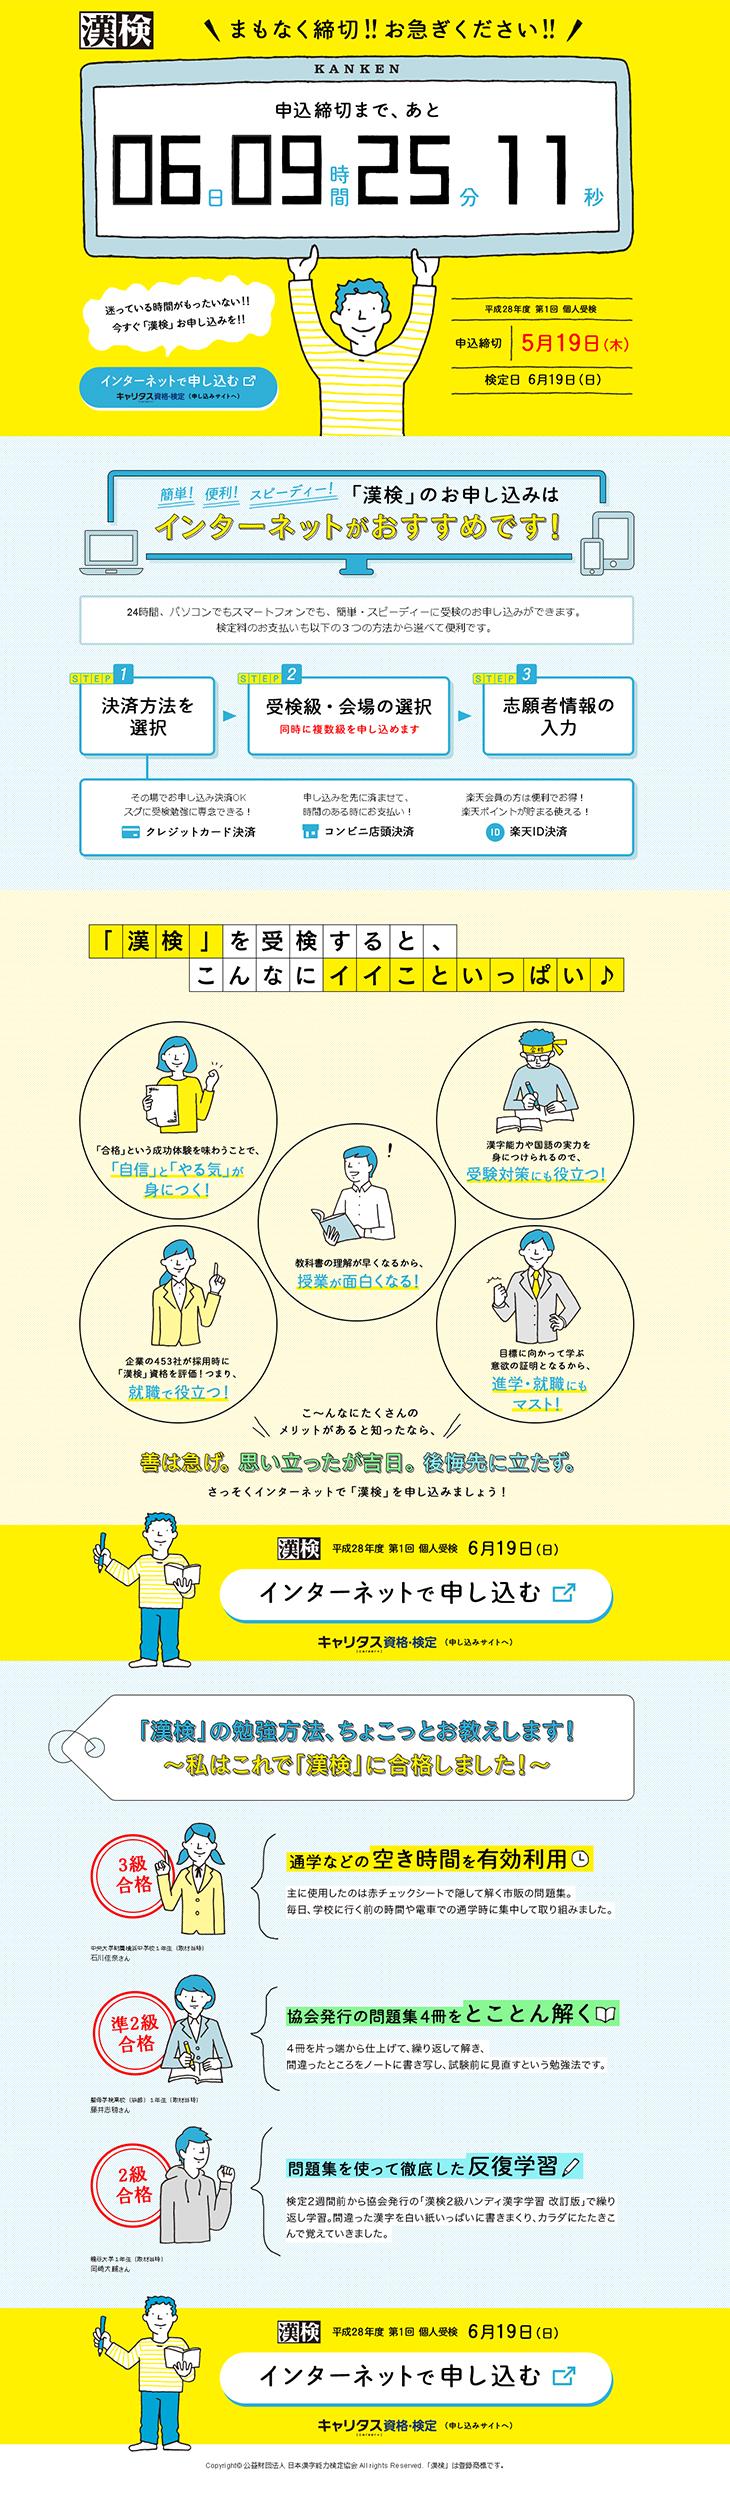 漢字検定【サービス関連】のlpデザイン。webデザイナーさん必見